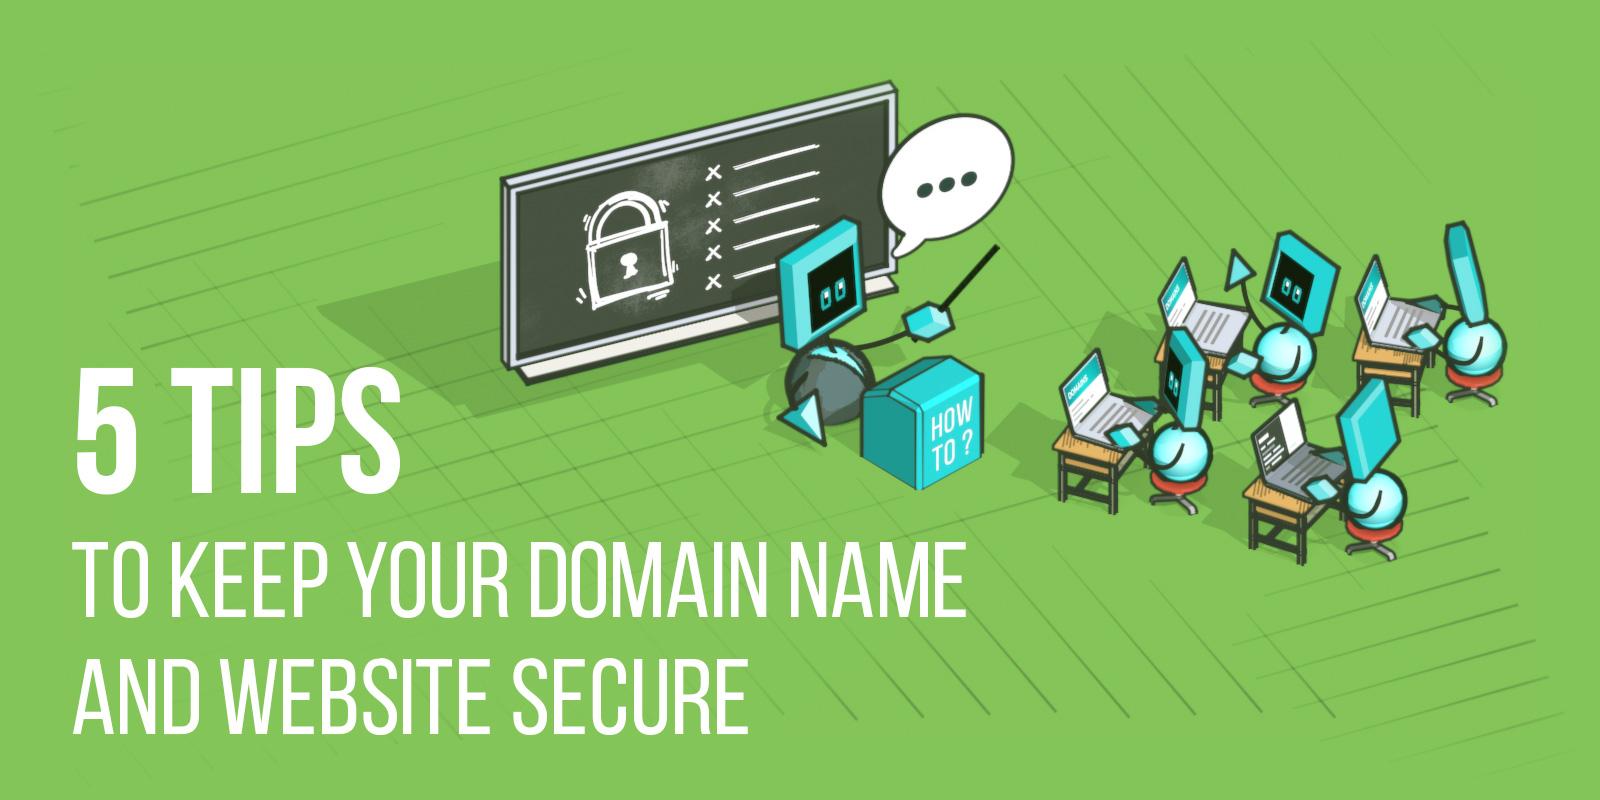 保证域名和网站安全的五个技巧